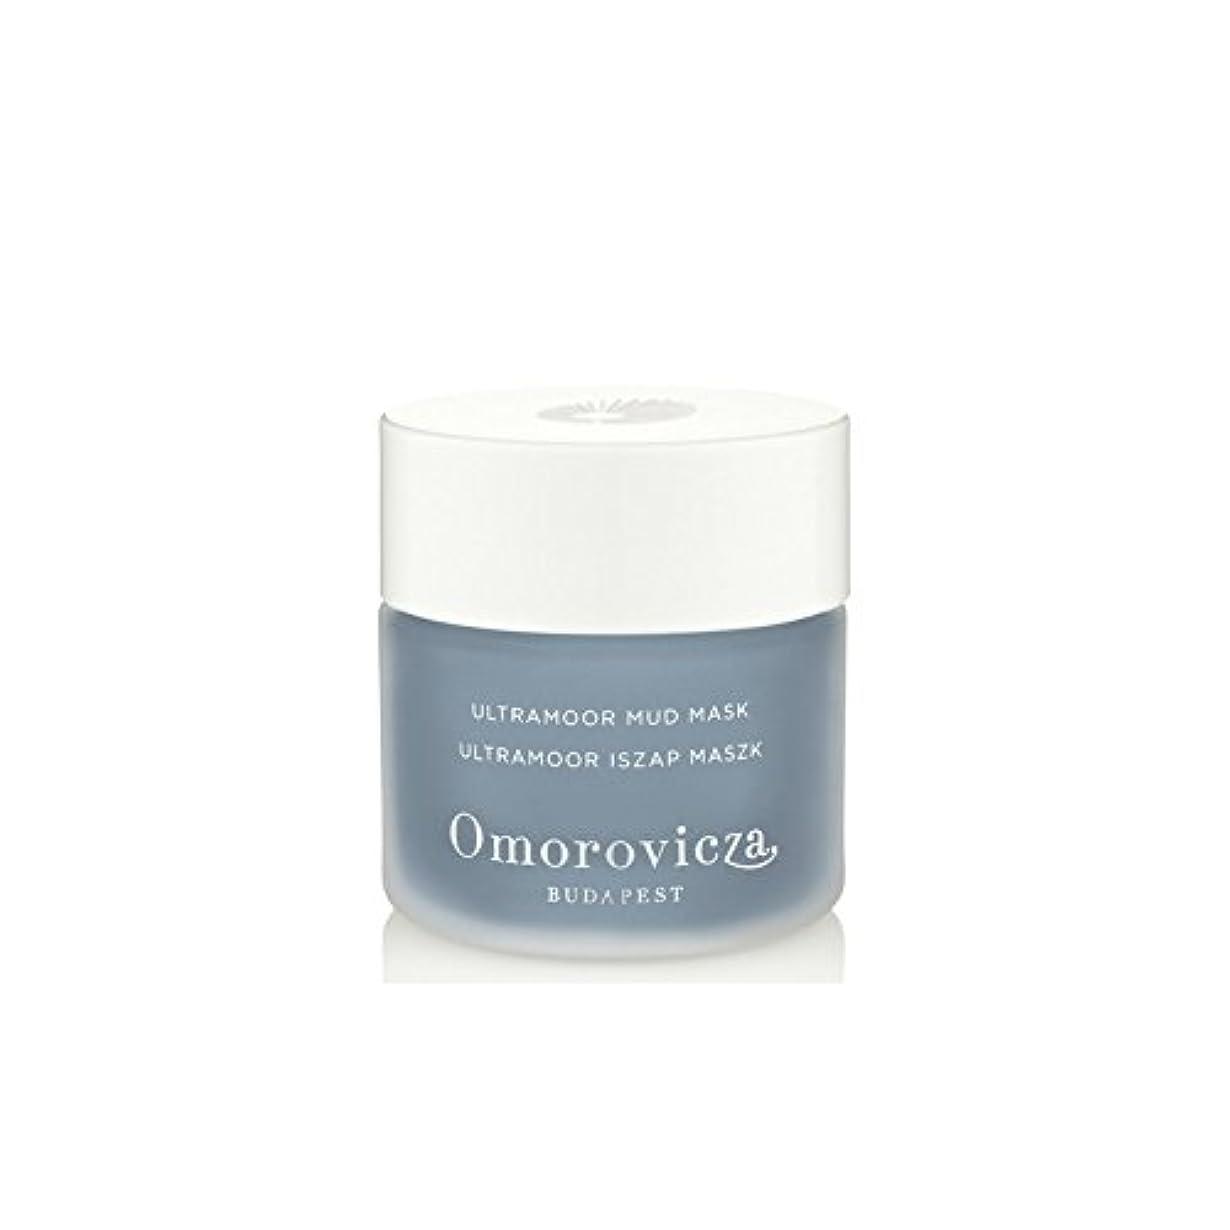 簡単なクロール意気消沈したOmorovicza Ultramoor Mud Mask (50ml) (Pack of 6) - 泥マスク(50ミリリットル) x6 [並行輸入品]